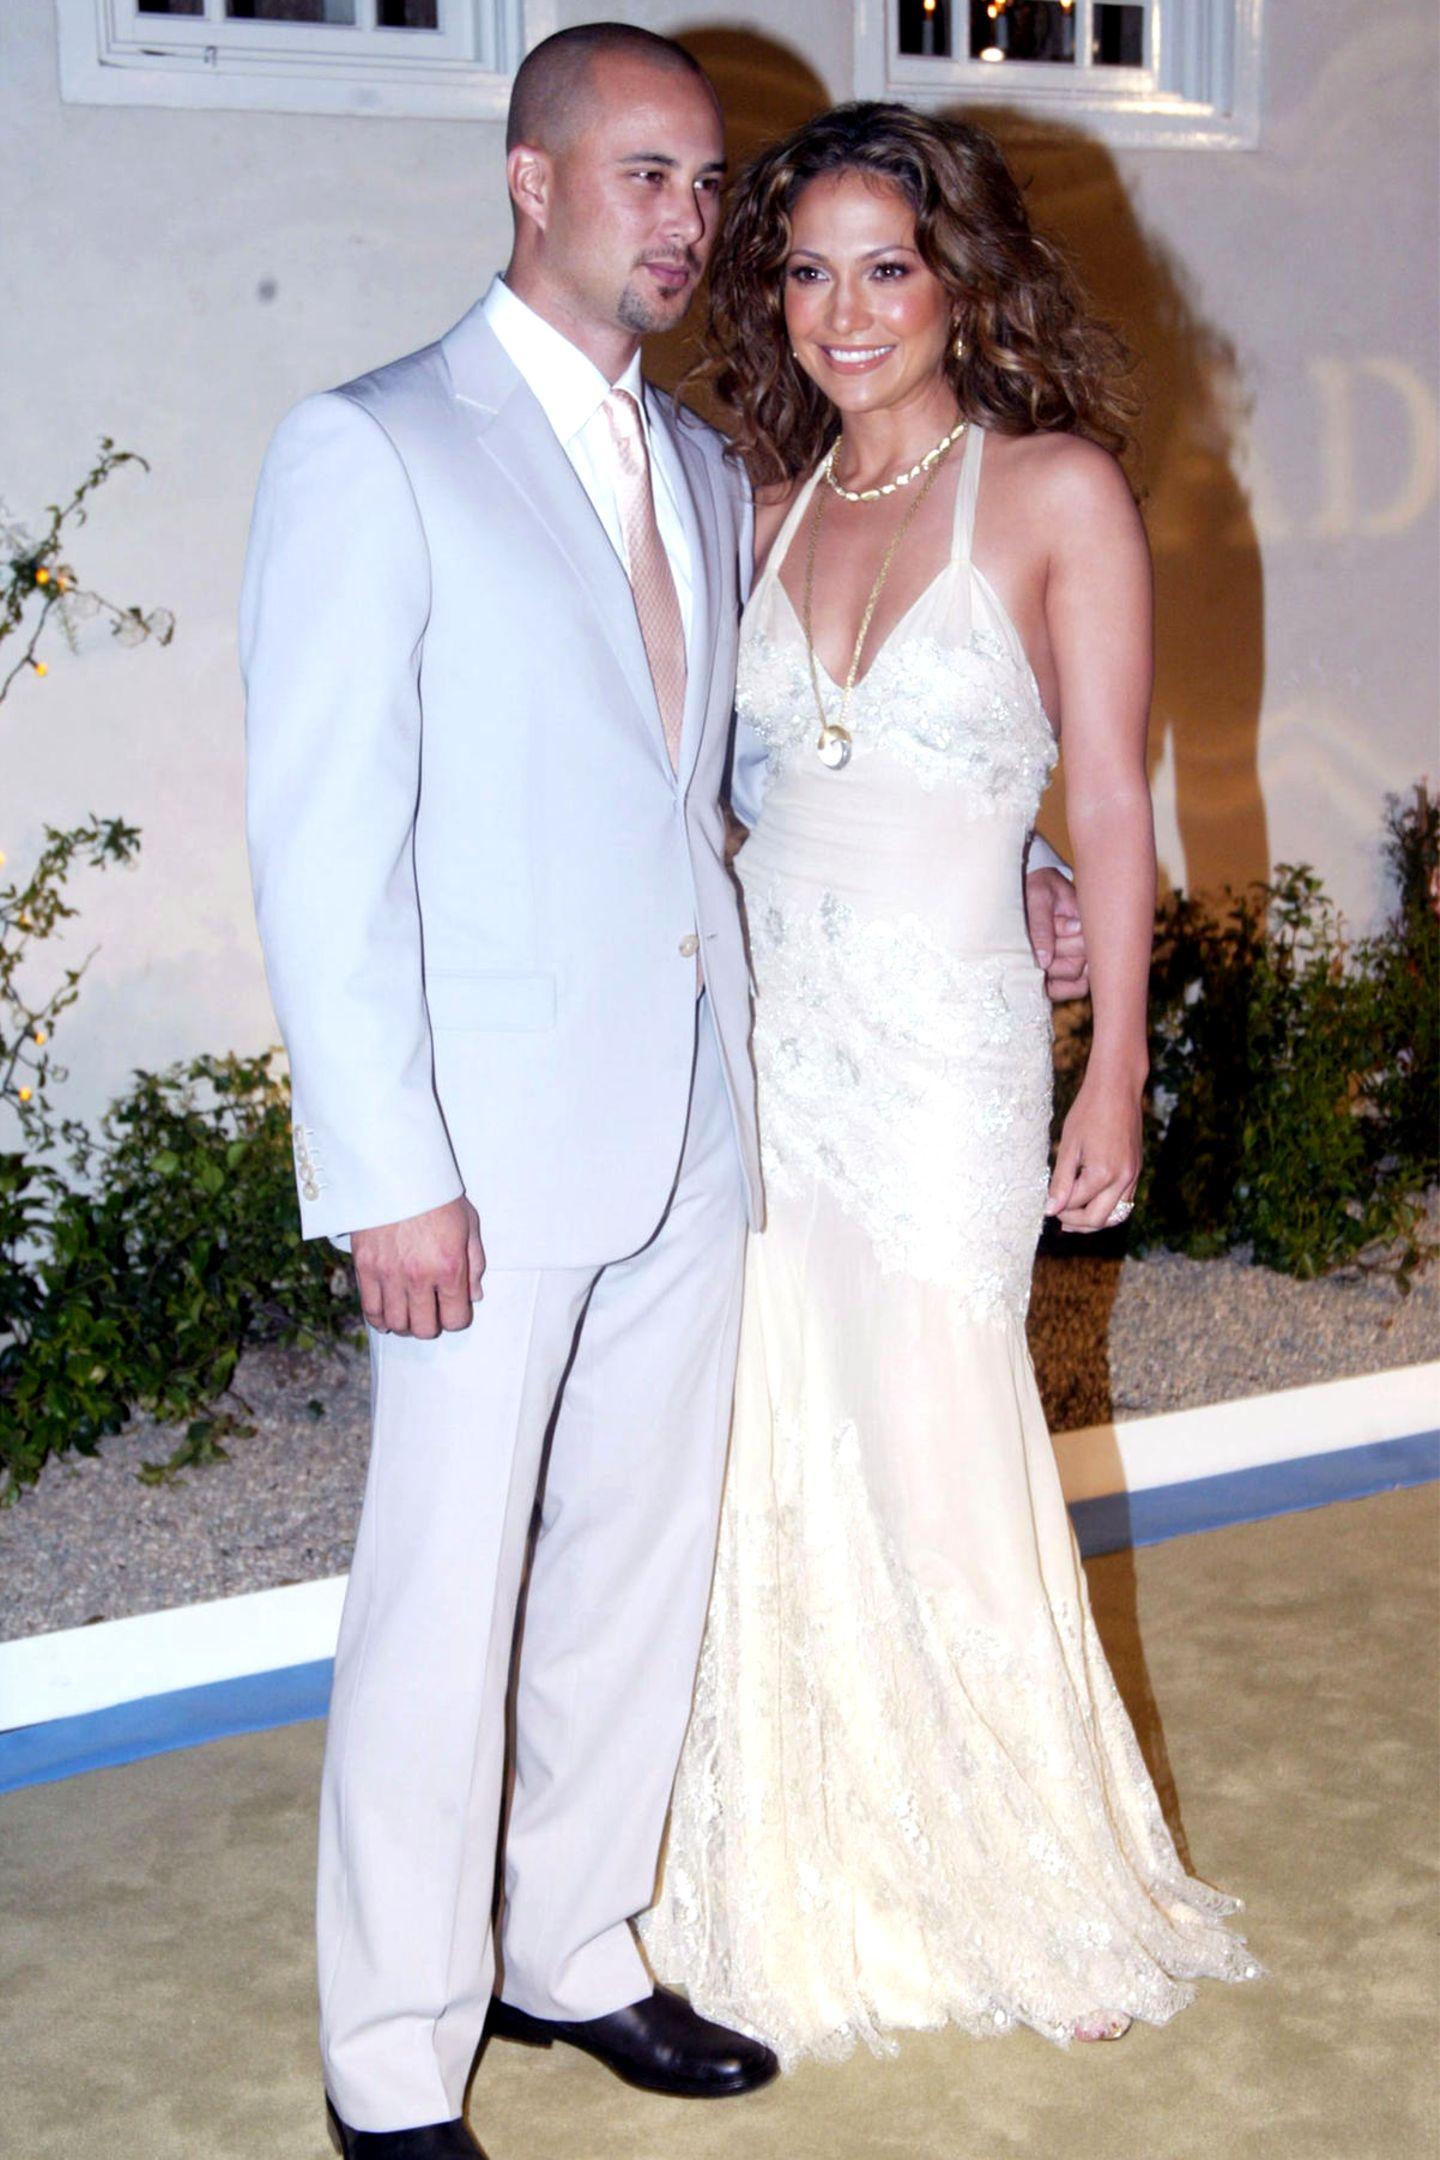 Jennifer Lopez + Cris Judd: 8 Monate  Im September 2001 gibtJennifer Lopez ihrem Background-Tänzer Cris Judd in einer romantischen Zeremonie das Jawort. Das Glück ist nicht von langer Dauer: Nach acht Monaten lässt sich die Sängerin wieder scheiden.